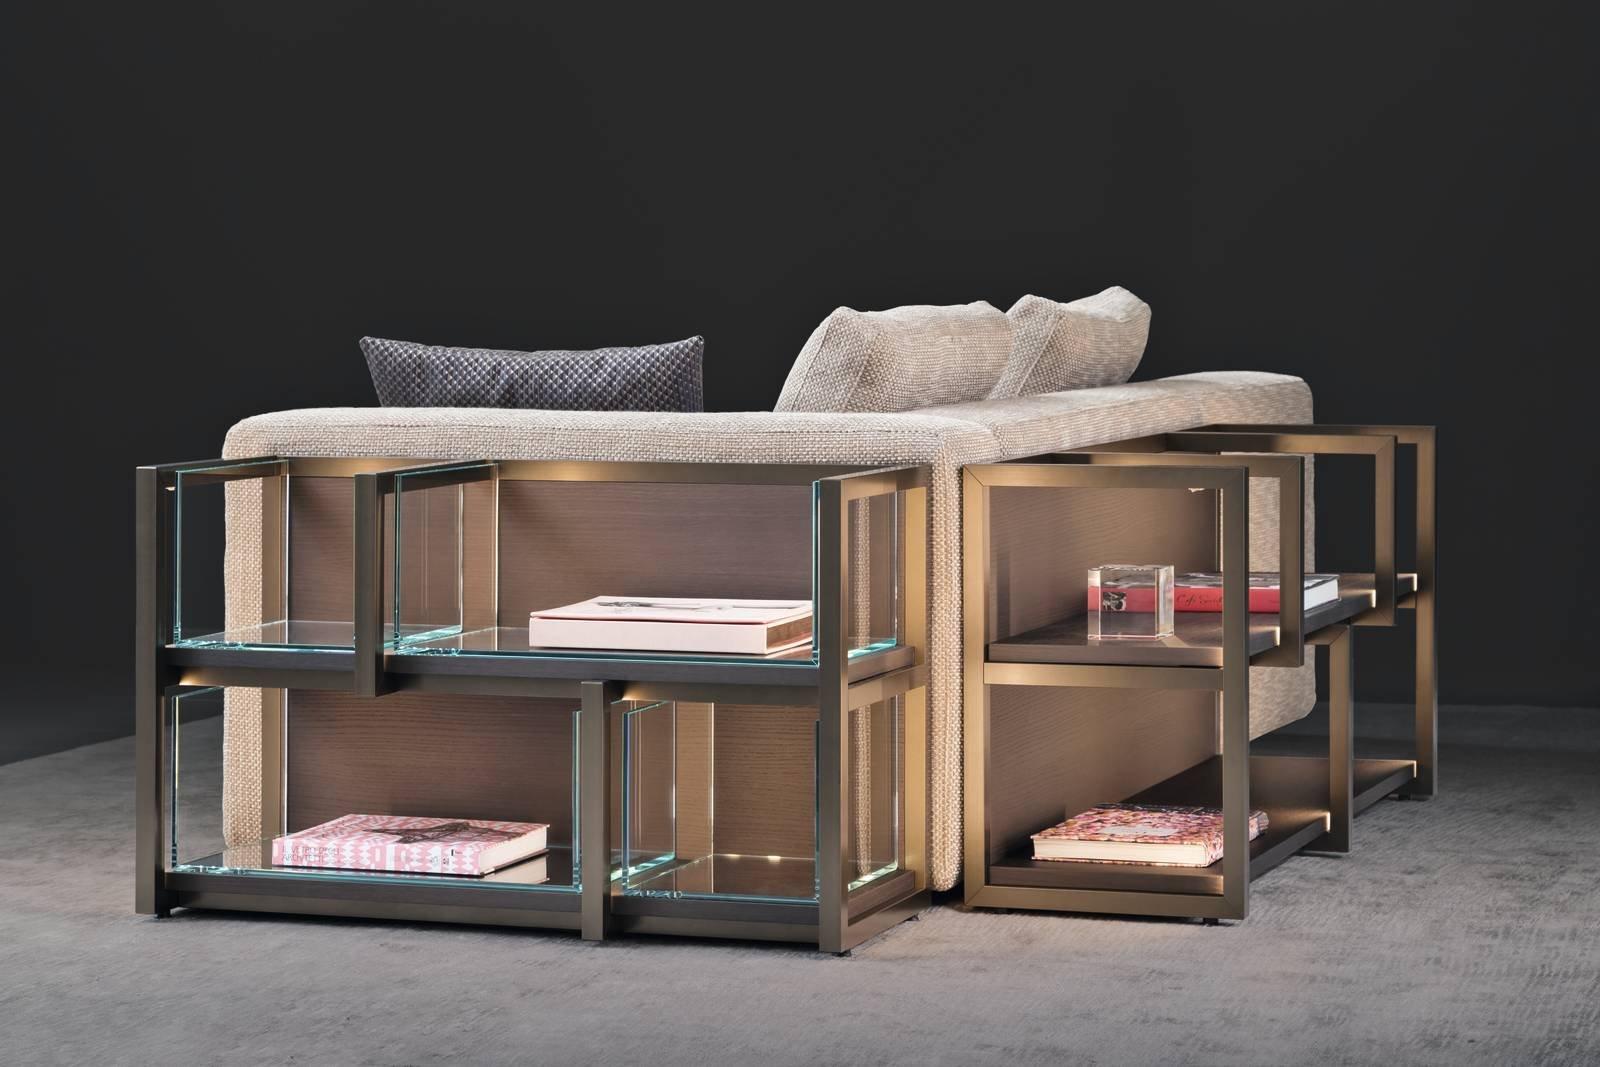 Salone del mobile 2017 contenitori e librerie per il - Libreria dietro divano ...